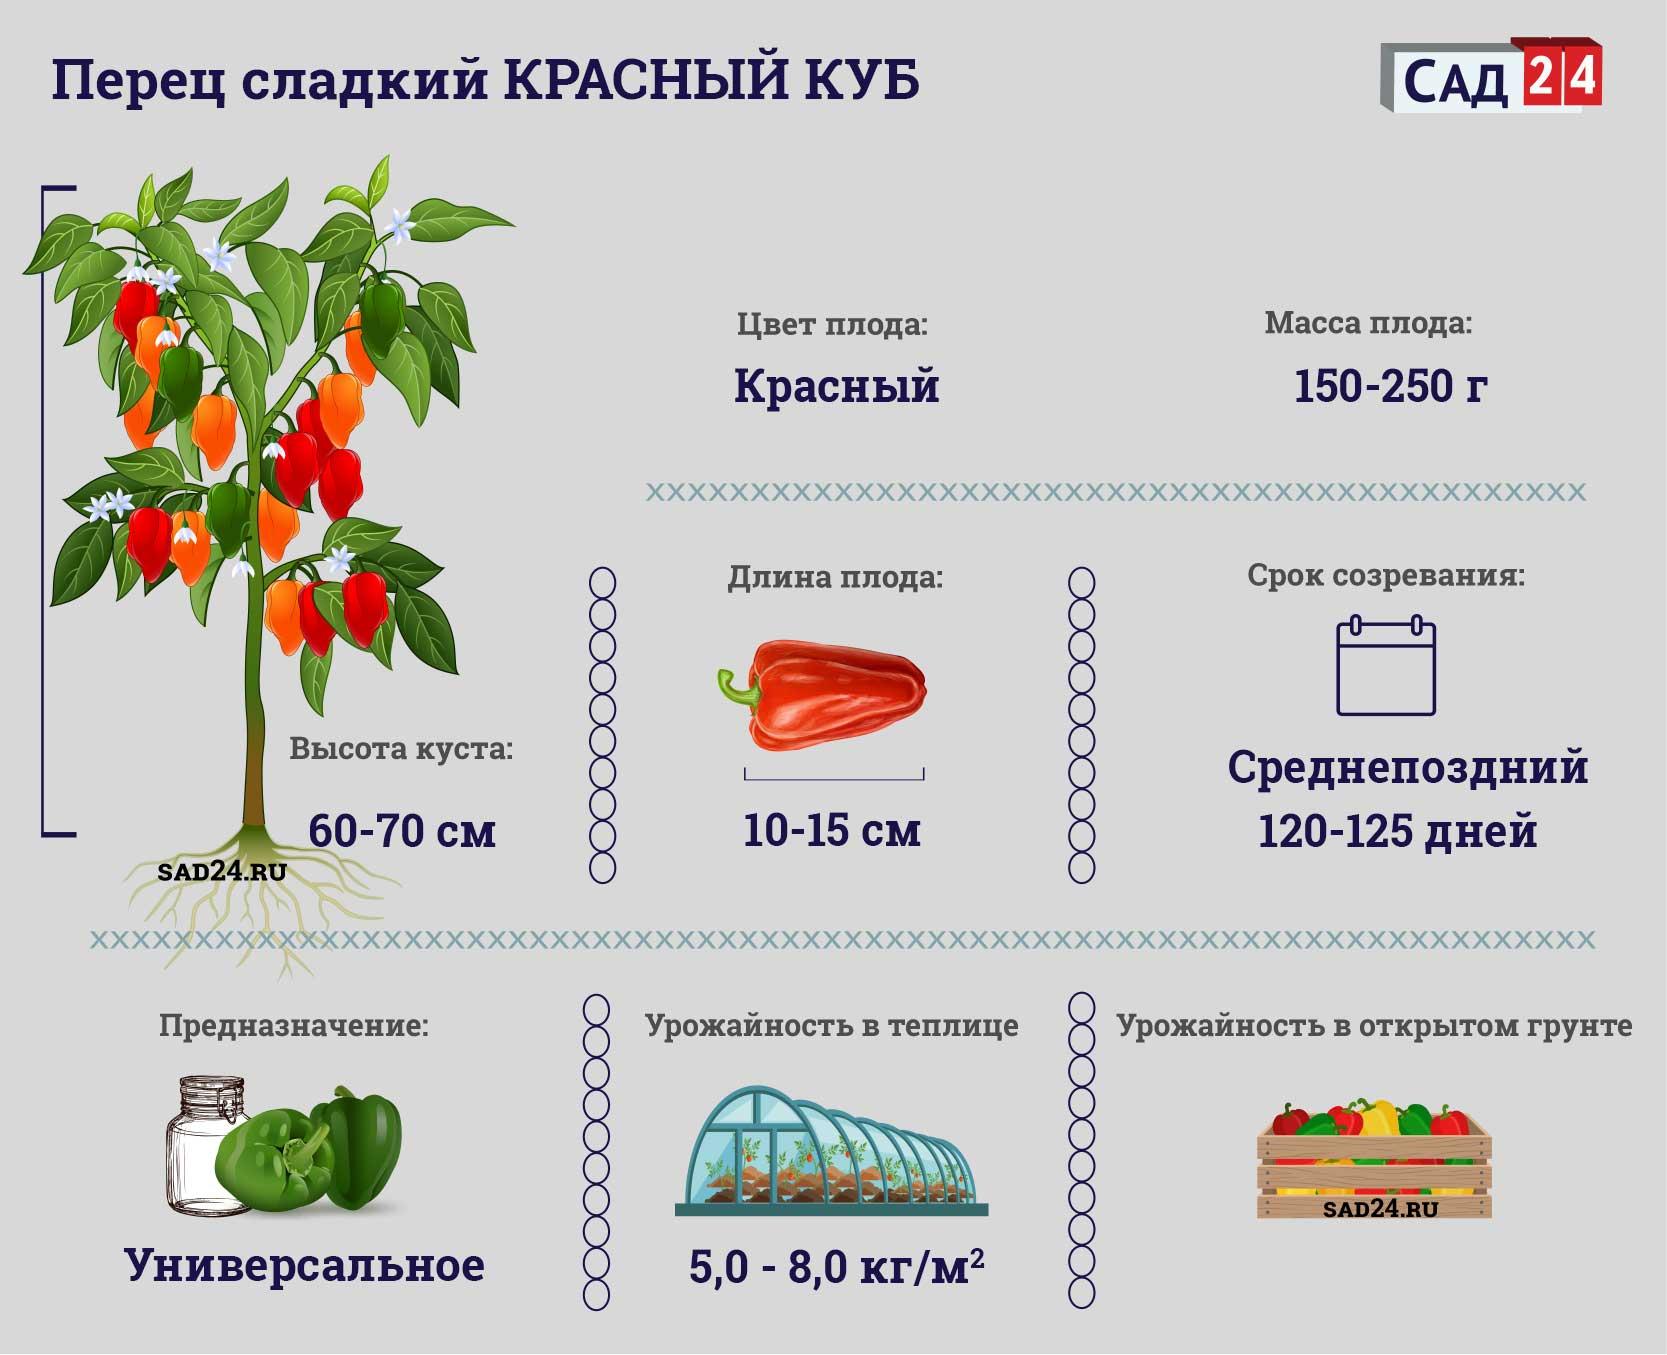 Красный куб - https://sad24.ru/